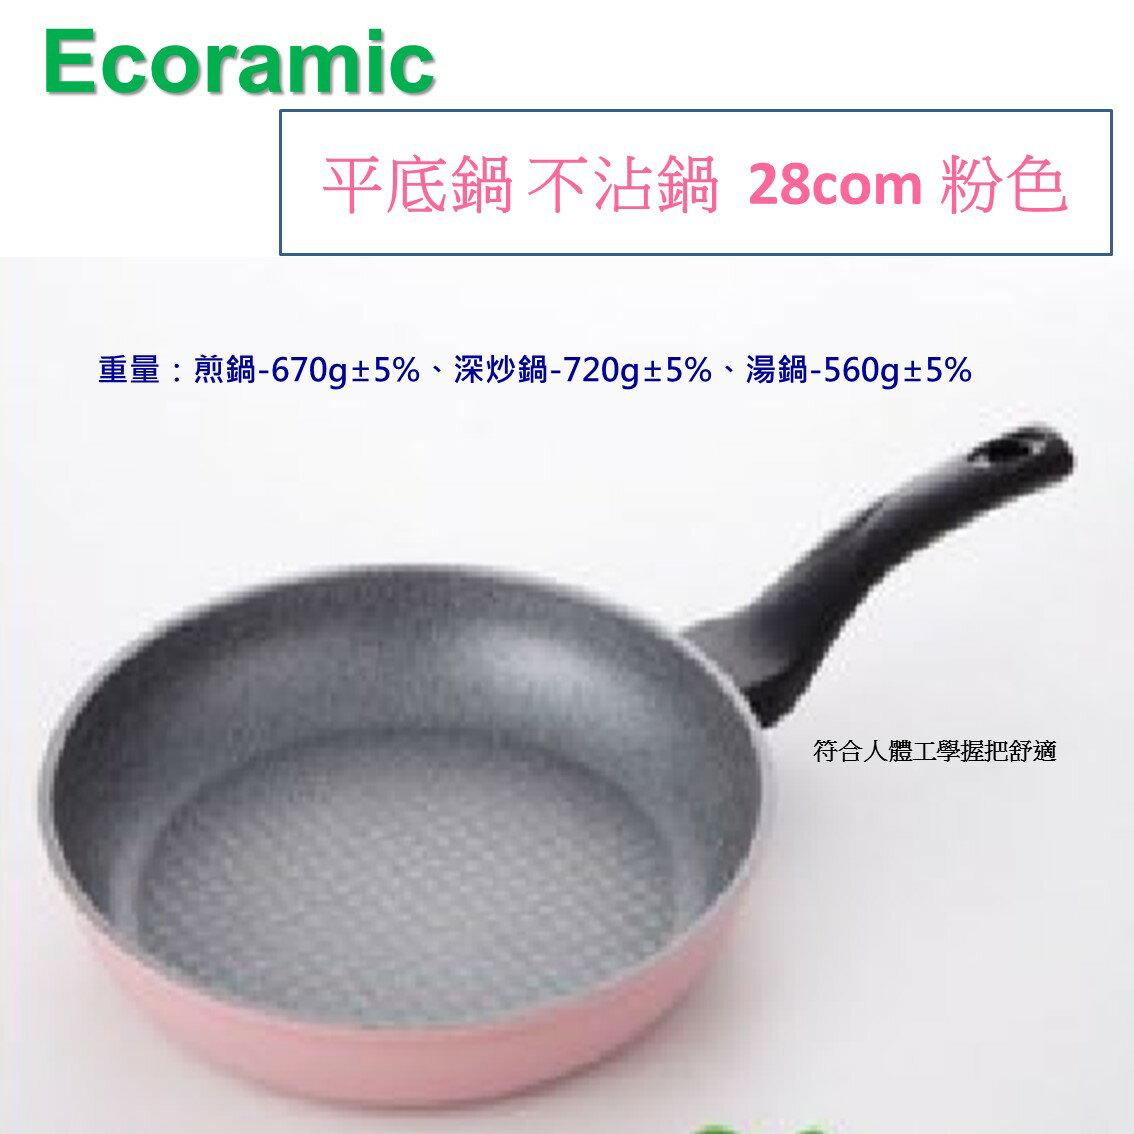 【現貨】韓國Ecoramic鈦晶石頭抗菌不沾鍋 平底鍋28cm(無附鍋蓋)【樂活生活館】